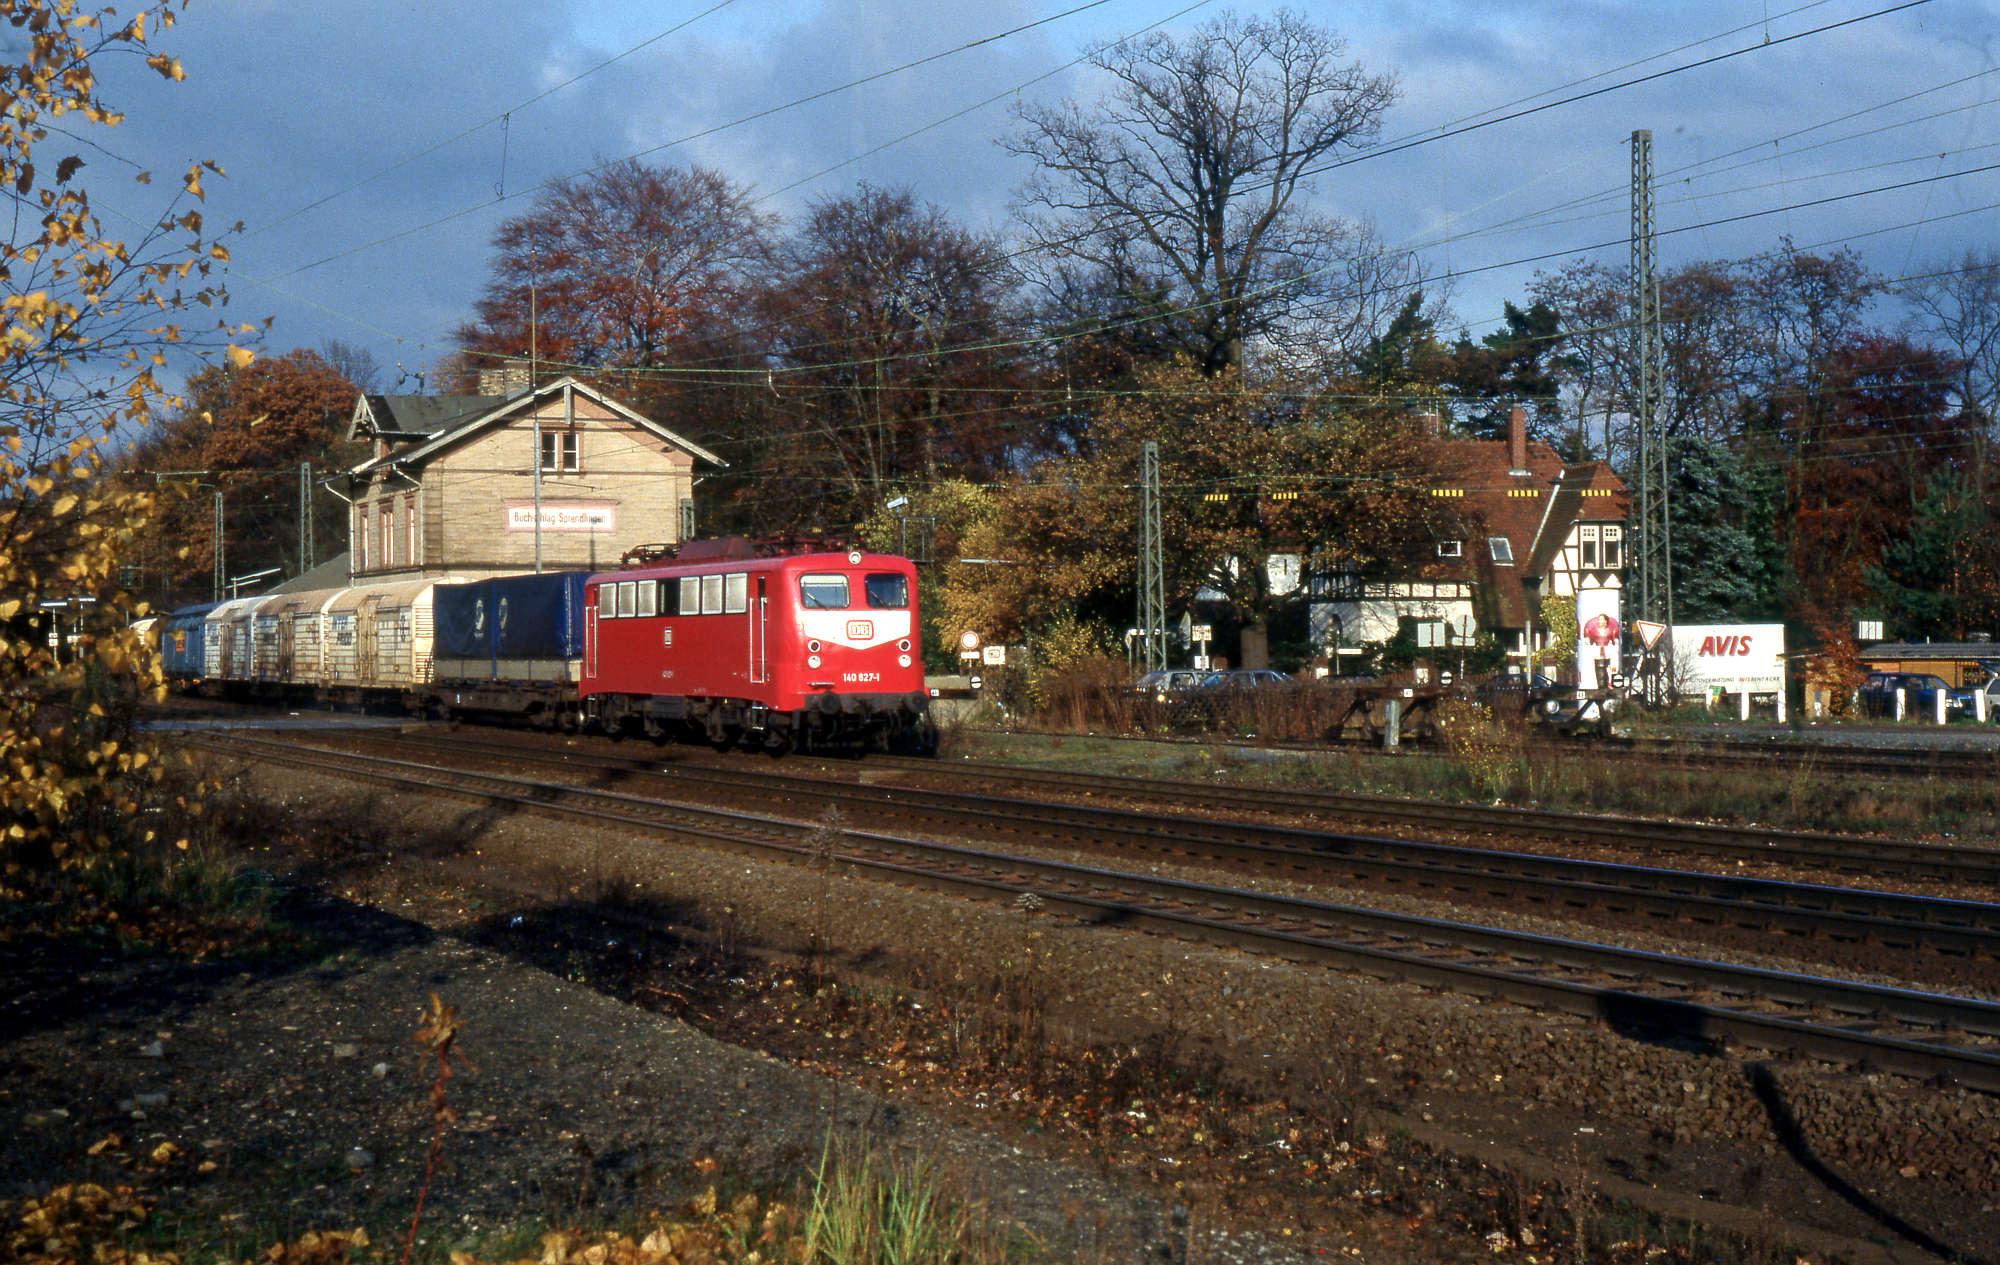 http://19891130.de/140627_Buchschlag_Sprendlingen_9110xx_EvN.jpg